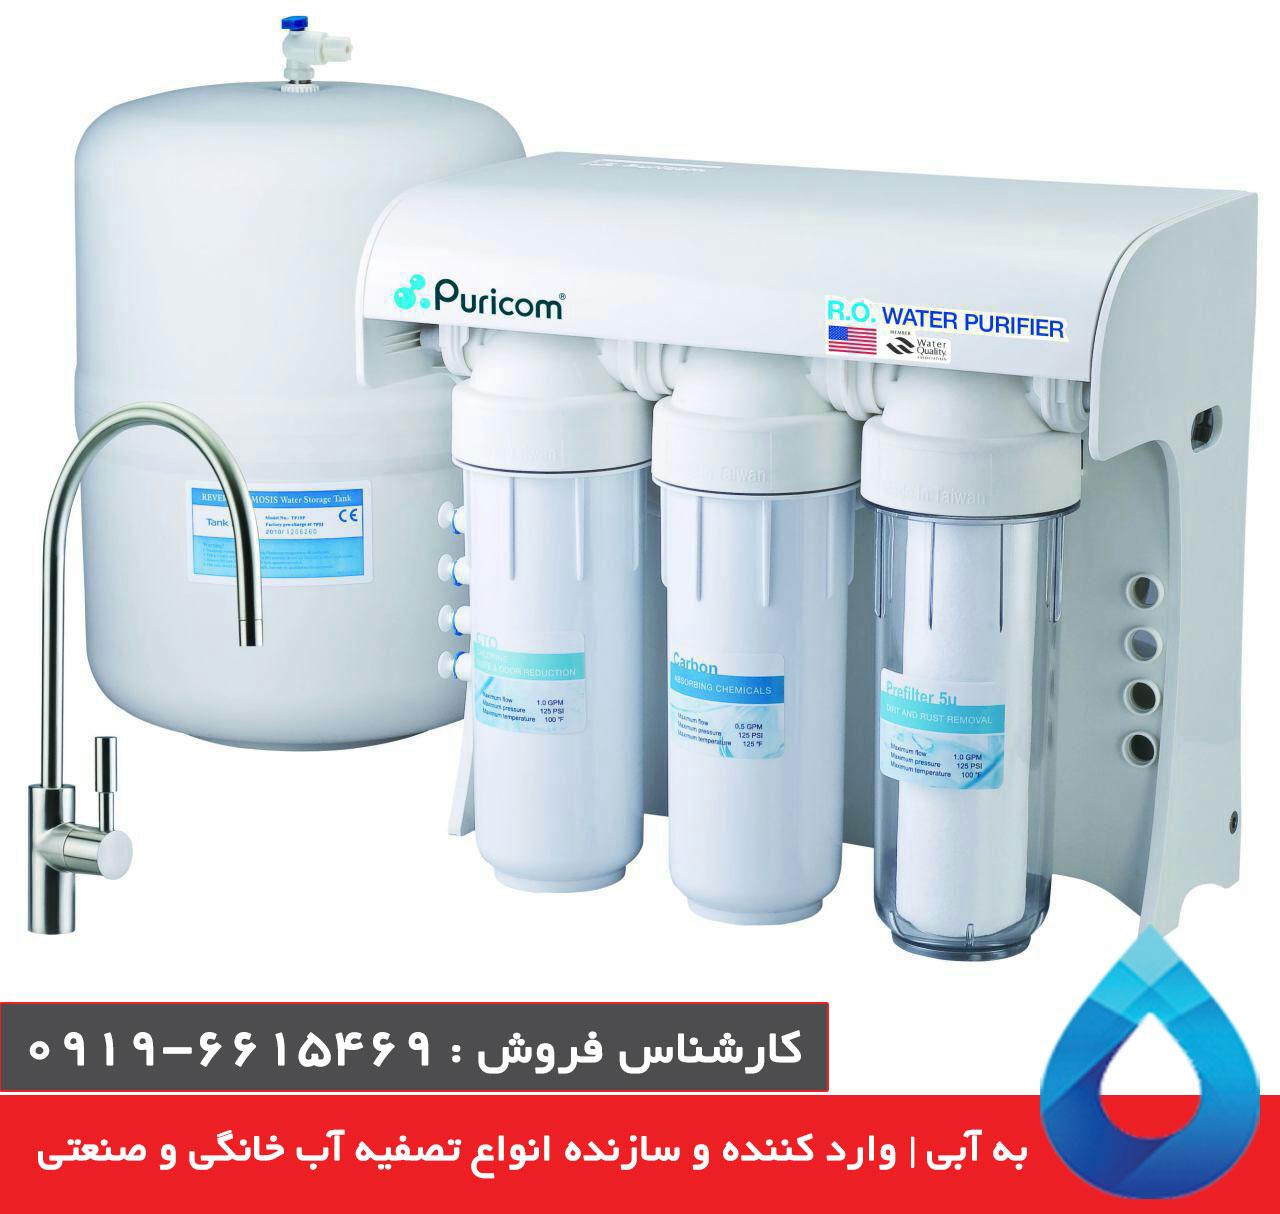 به آبی بزرگترین مرکز فروش دستگاه تصفیه آب خانگی و صنعتی